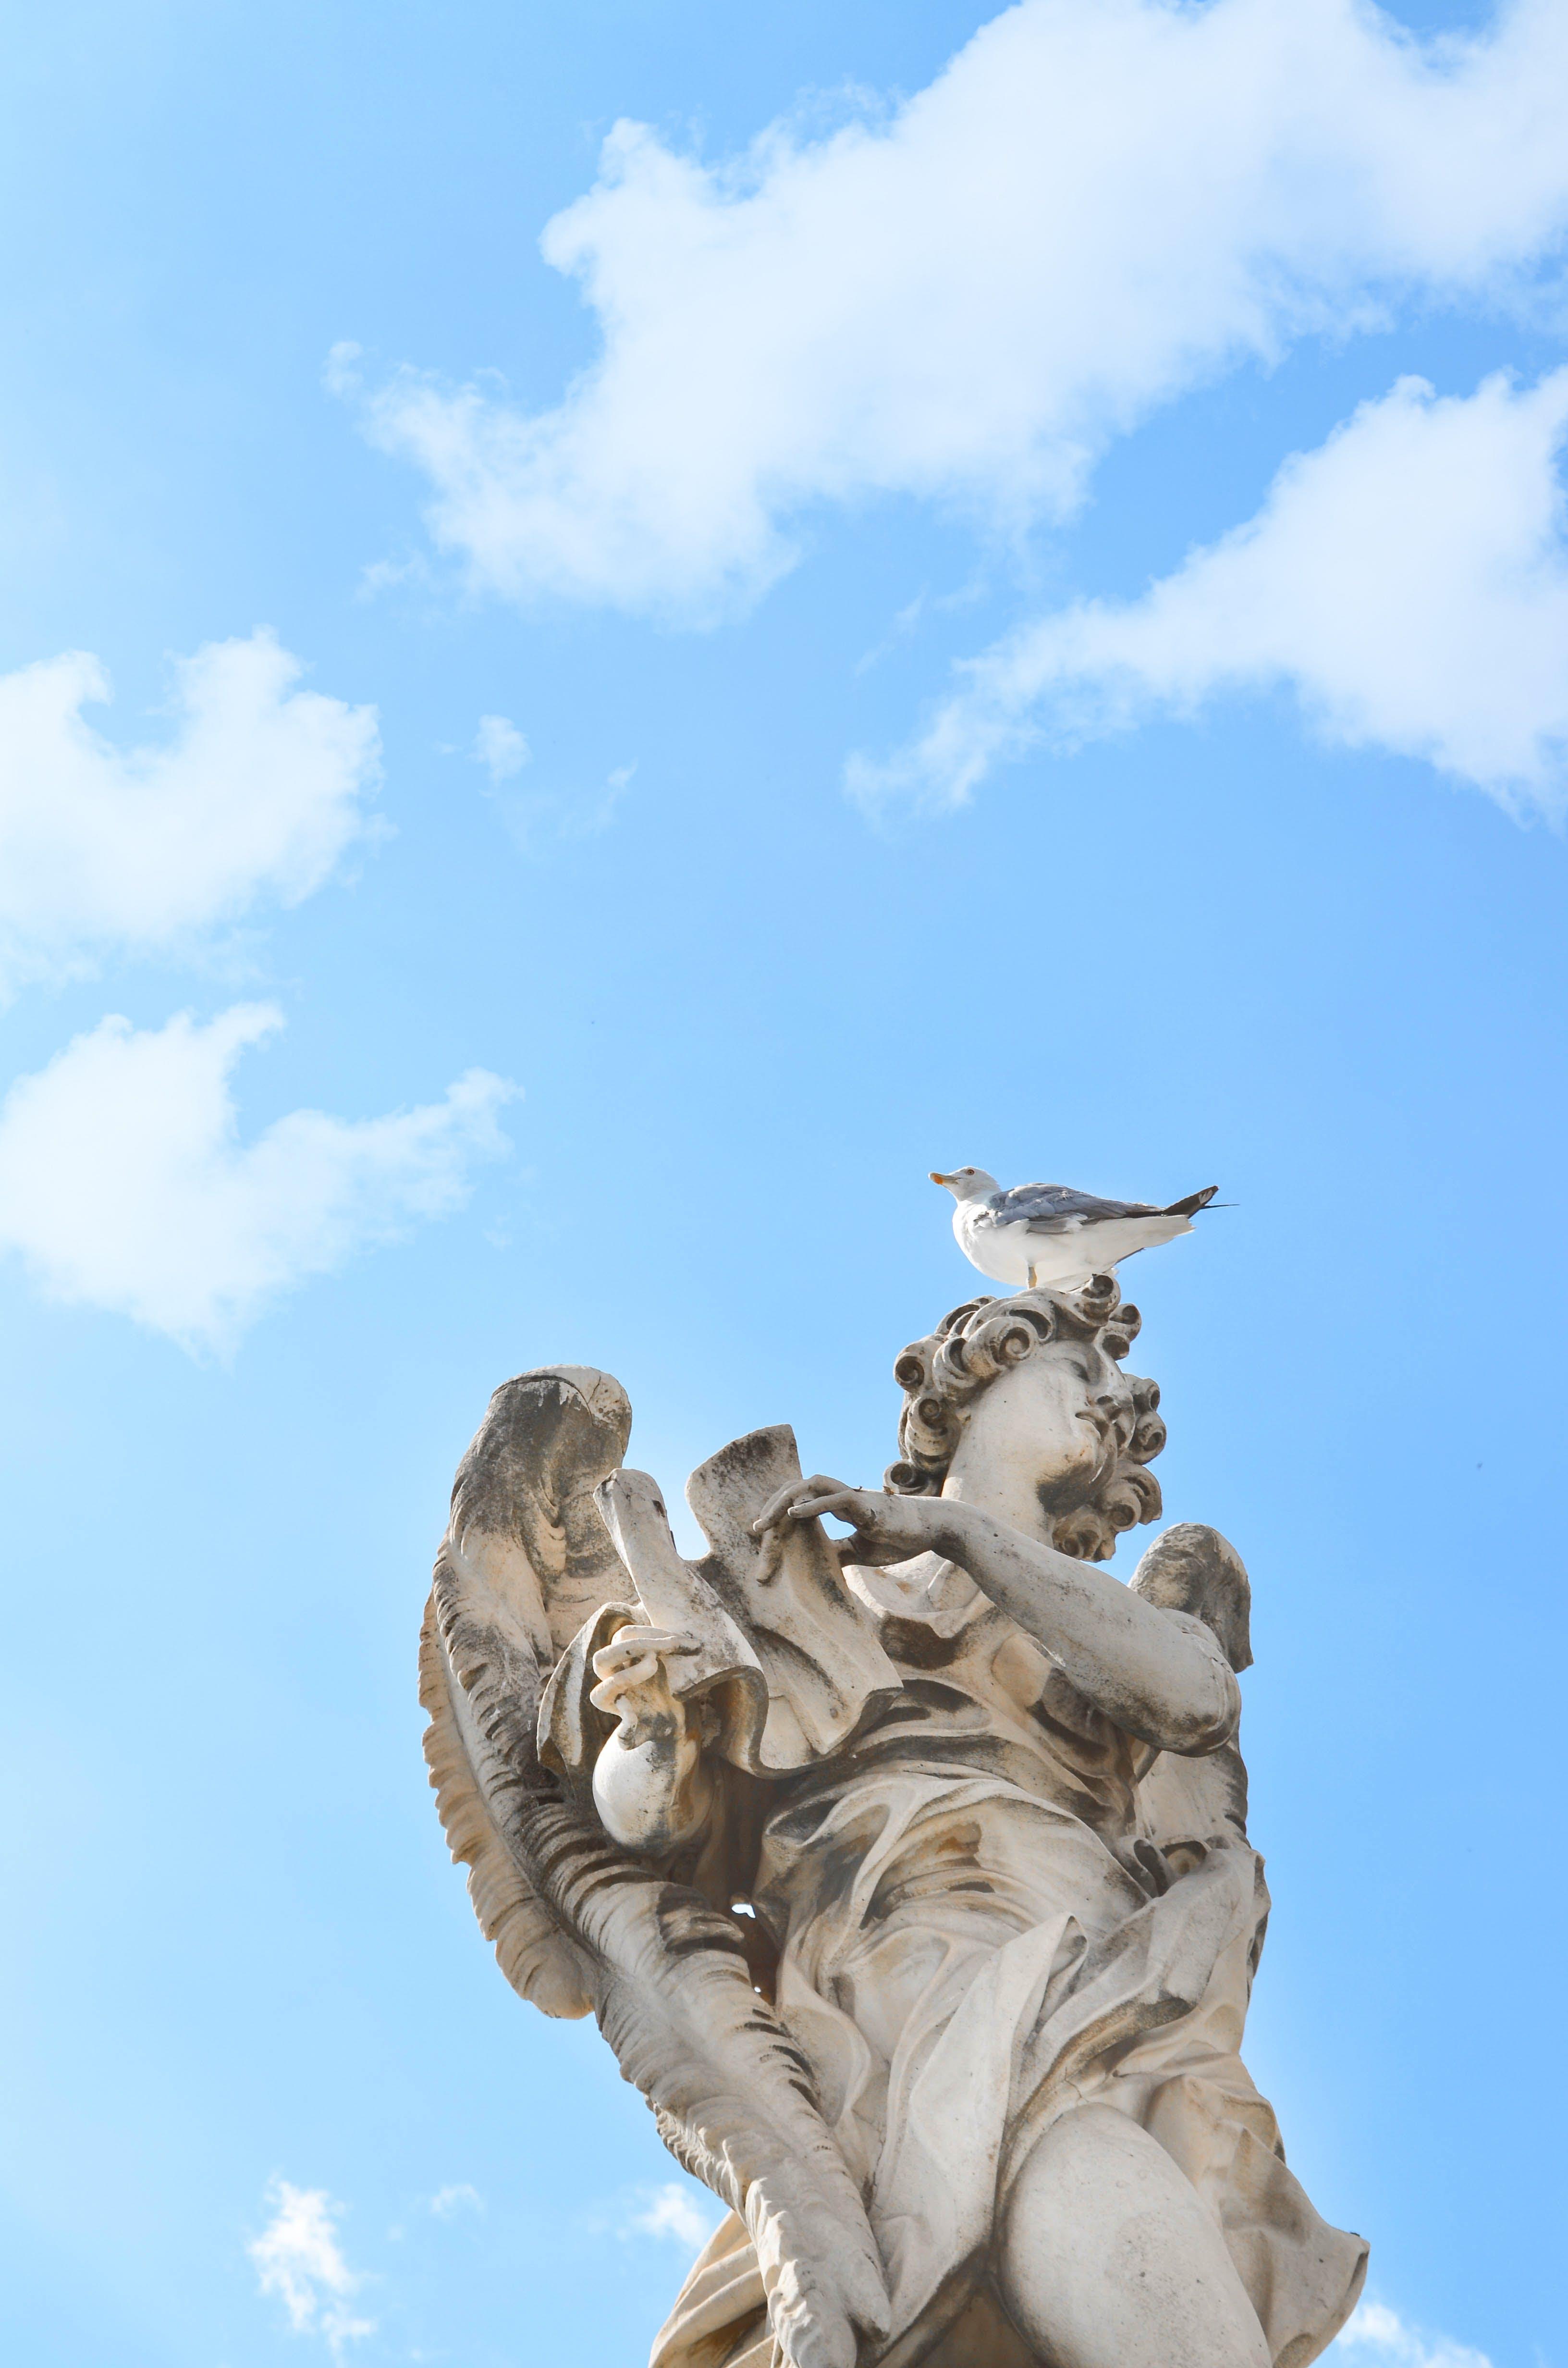 Gratis lagerfoto af himmel, måger, monument, Rom